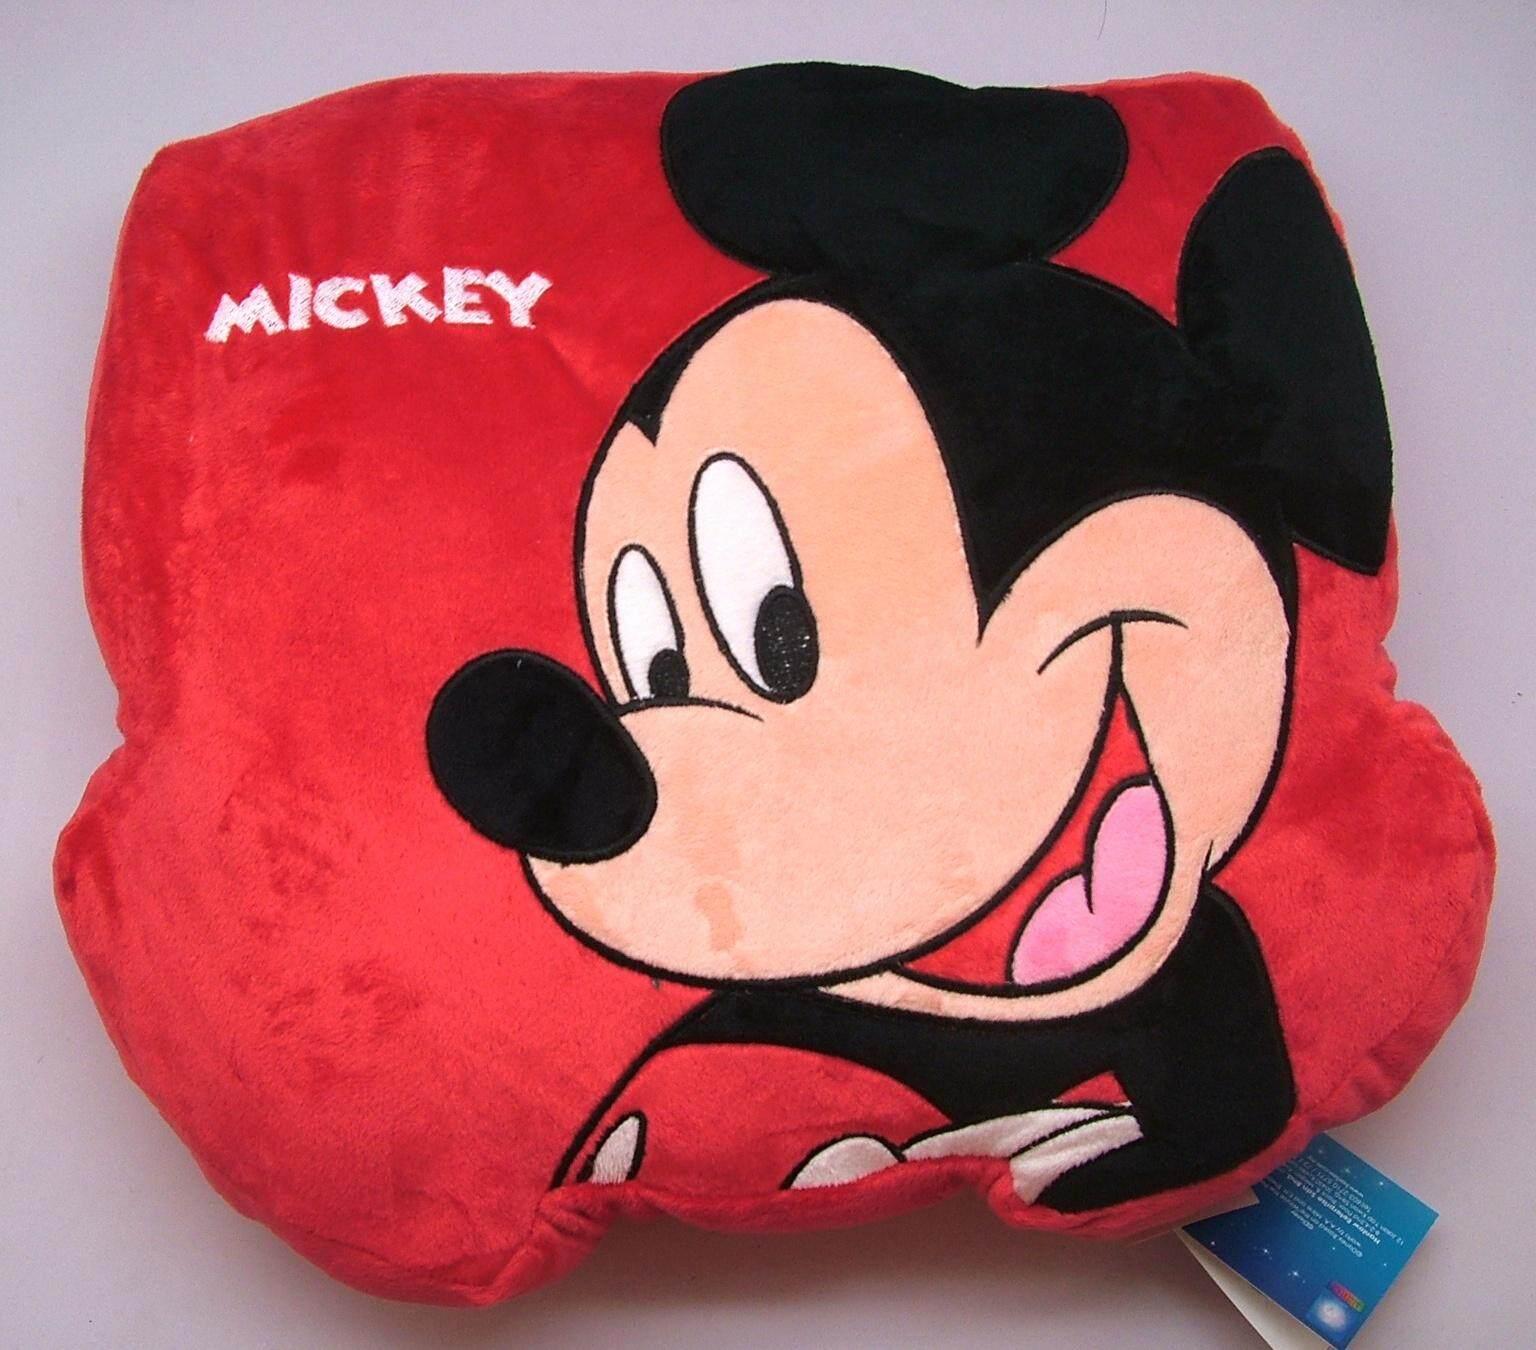 Disney Mickey Cushion - Odd Shape